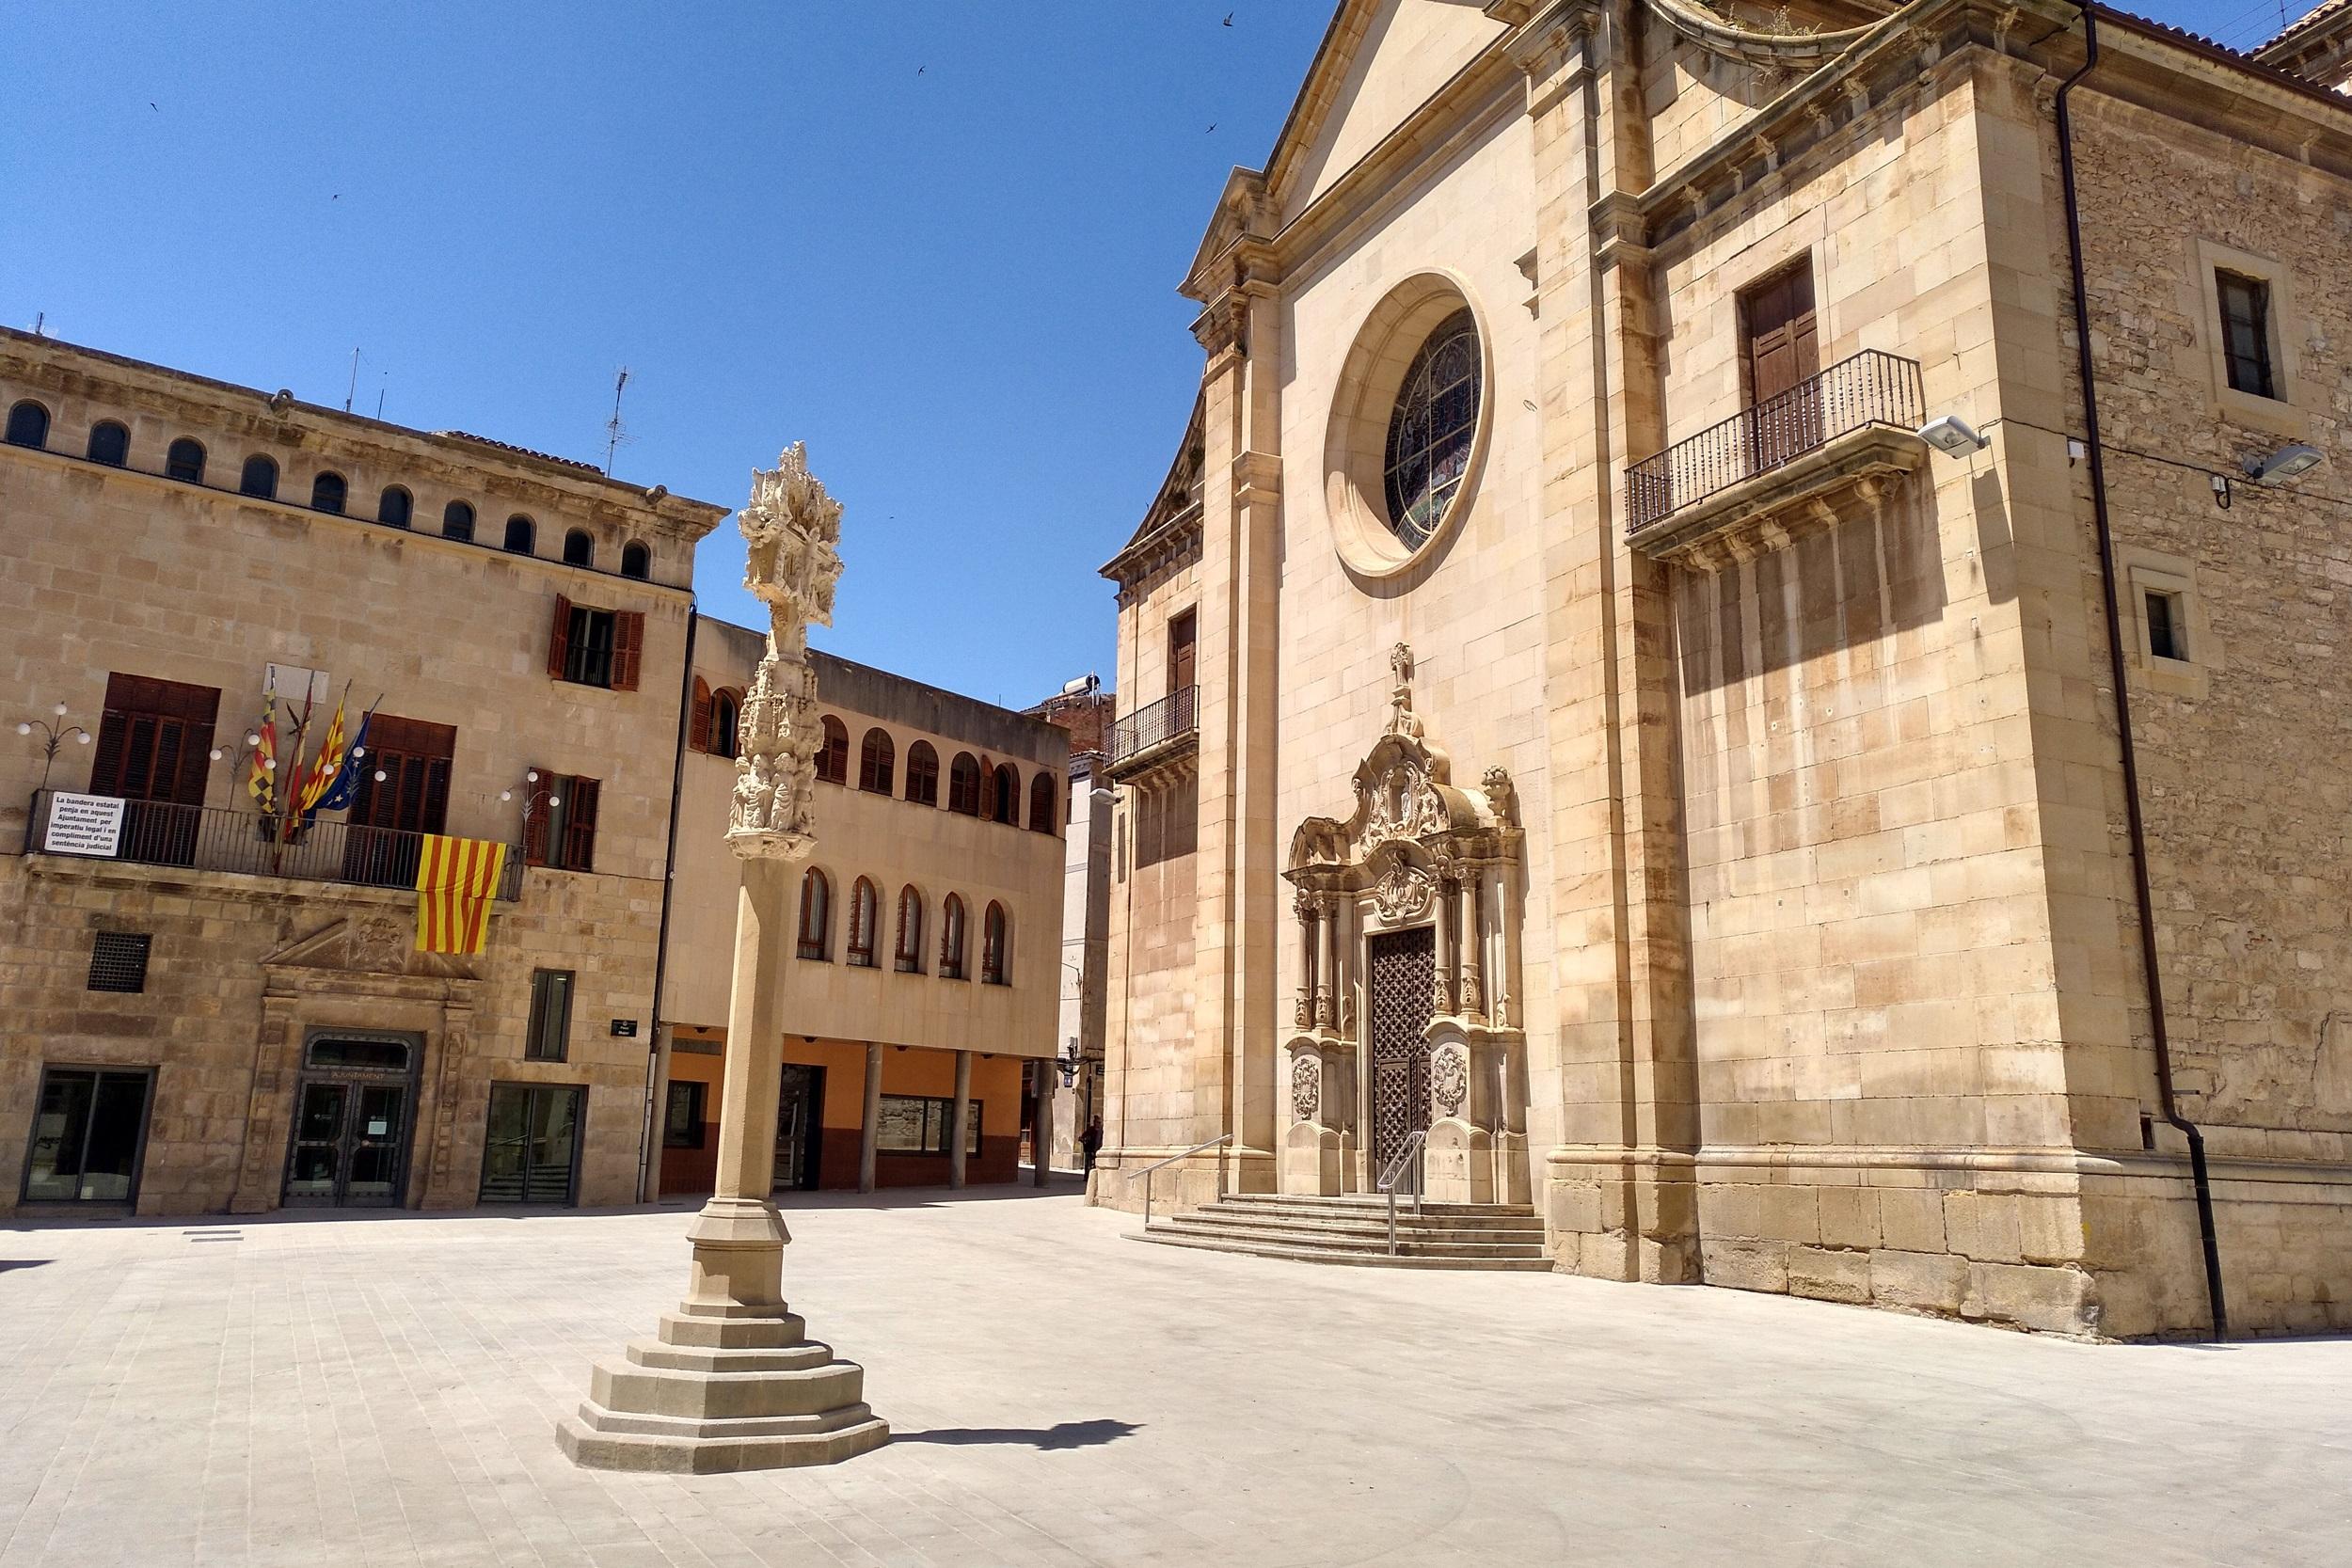 El Memorial Democràtic descataloga com a monument franquista la rèplica de la creu de terme ubicada a la plaça Major de Tàrrega